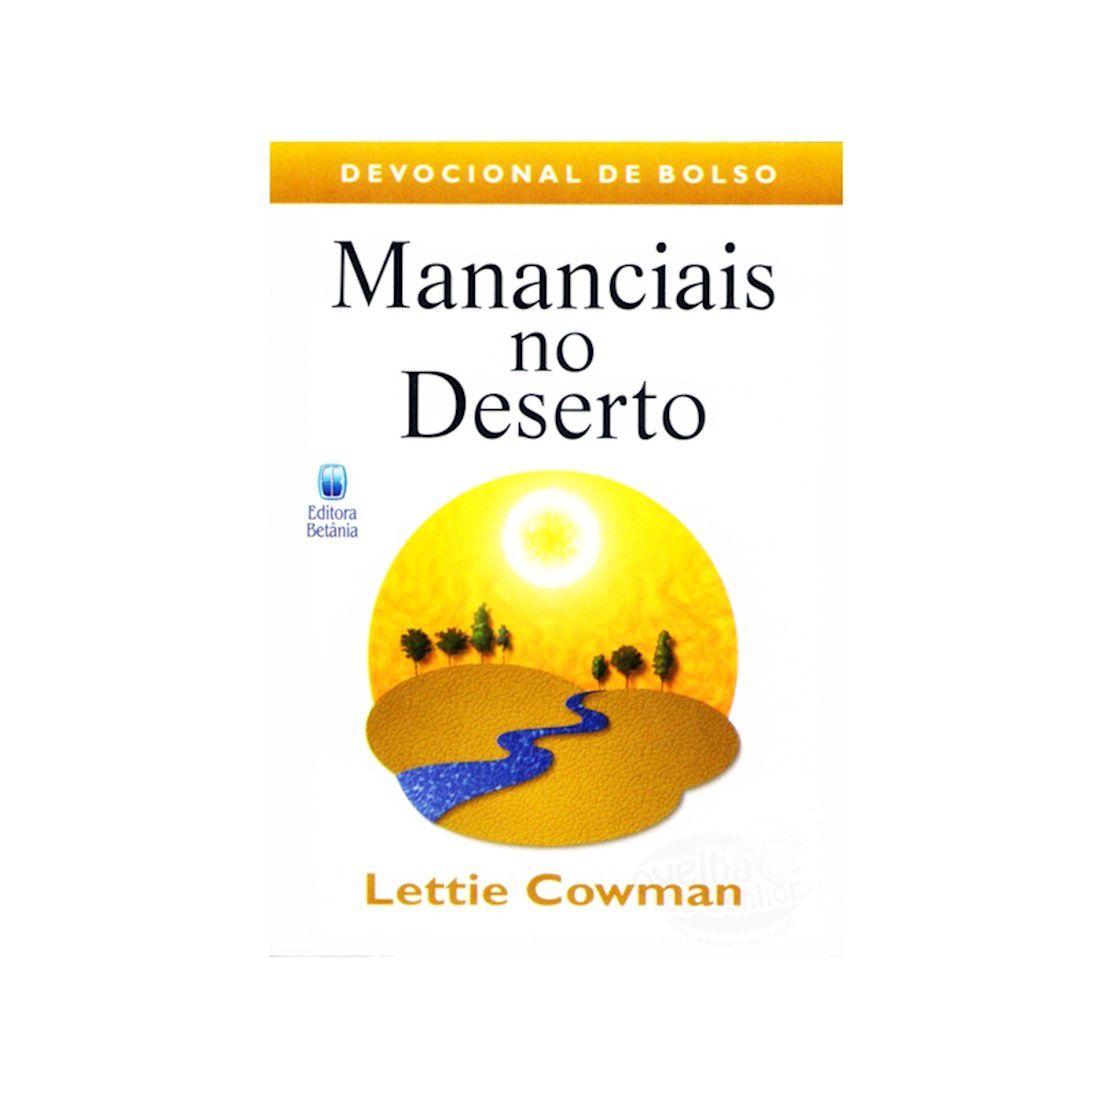 Livro Mananciais no Deserto - Devocional de Bolso